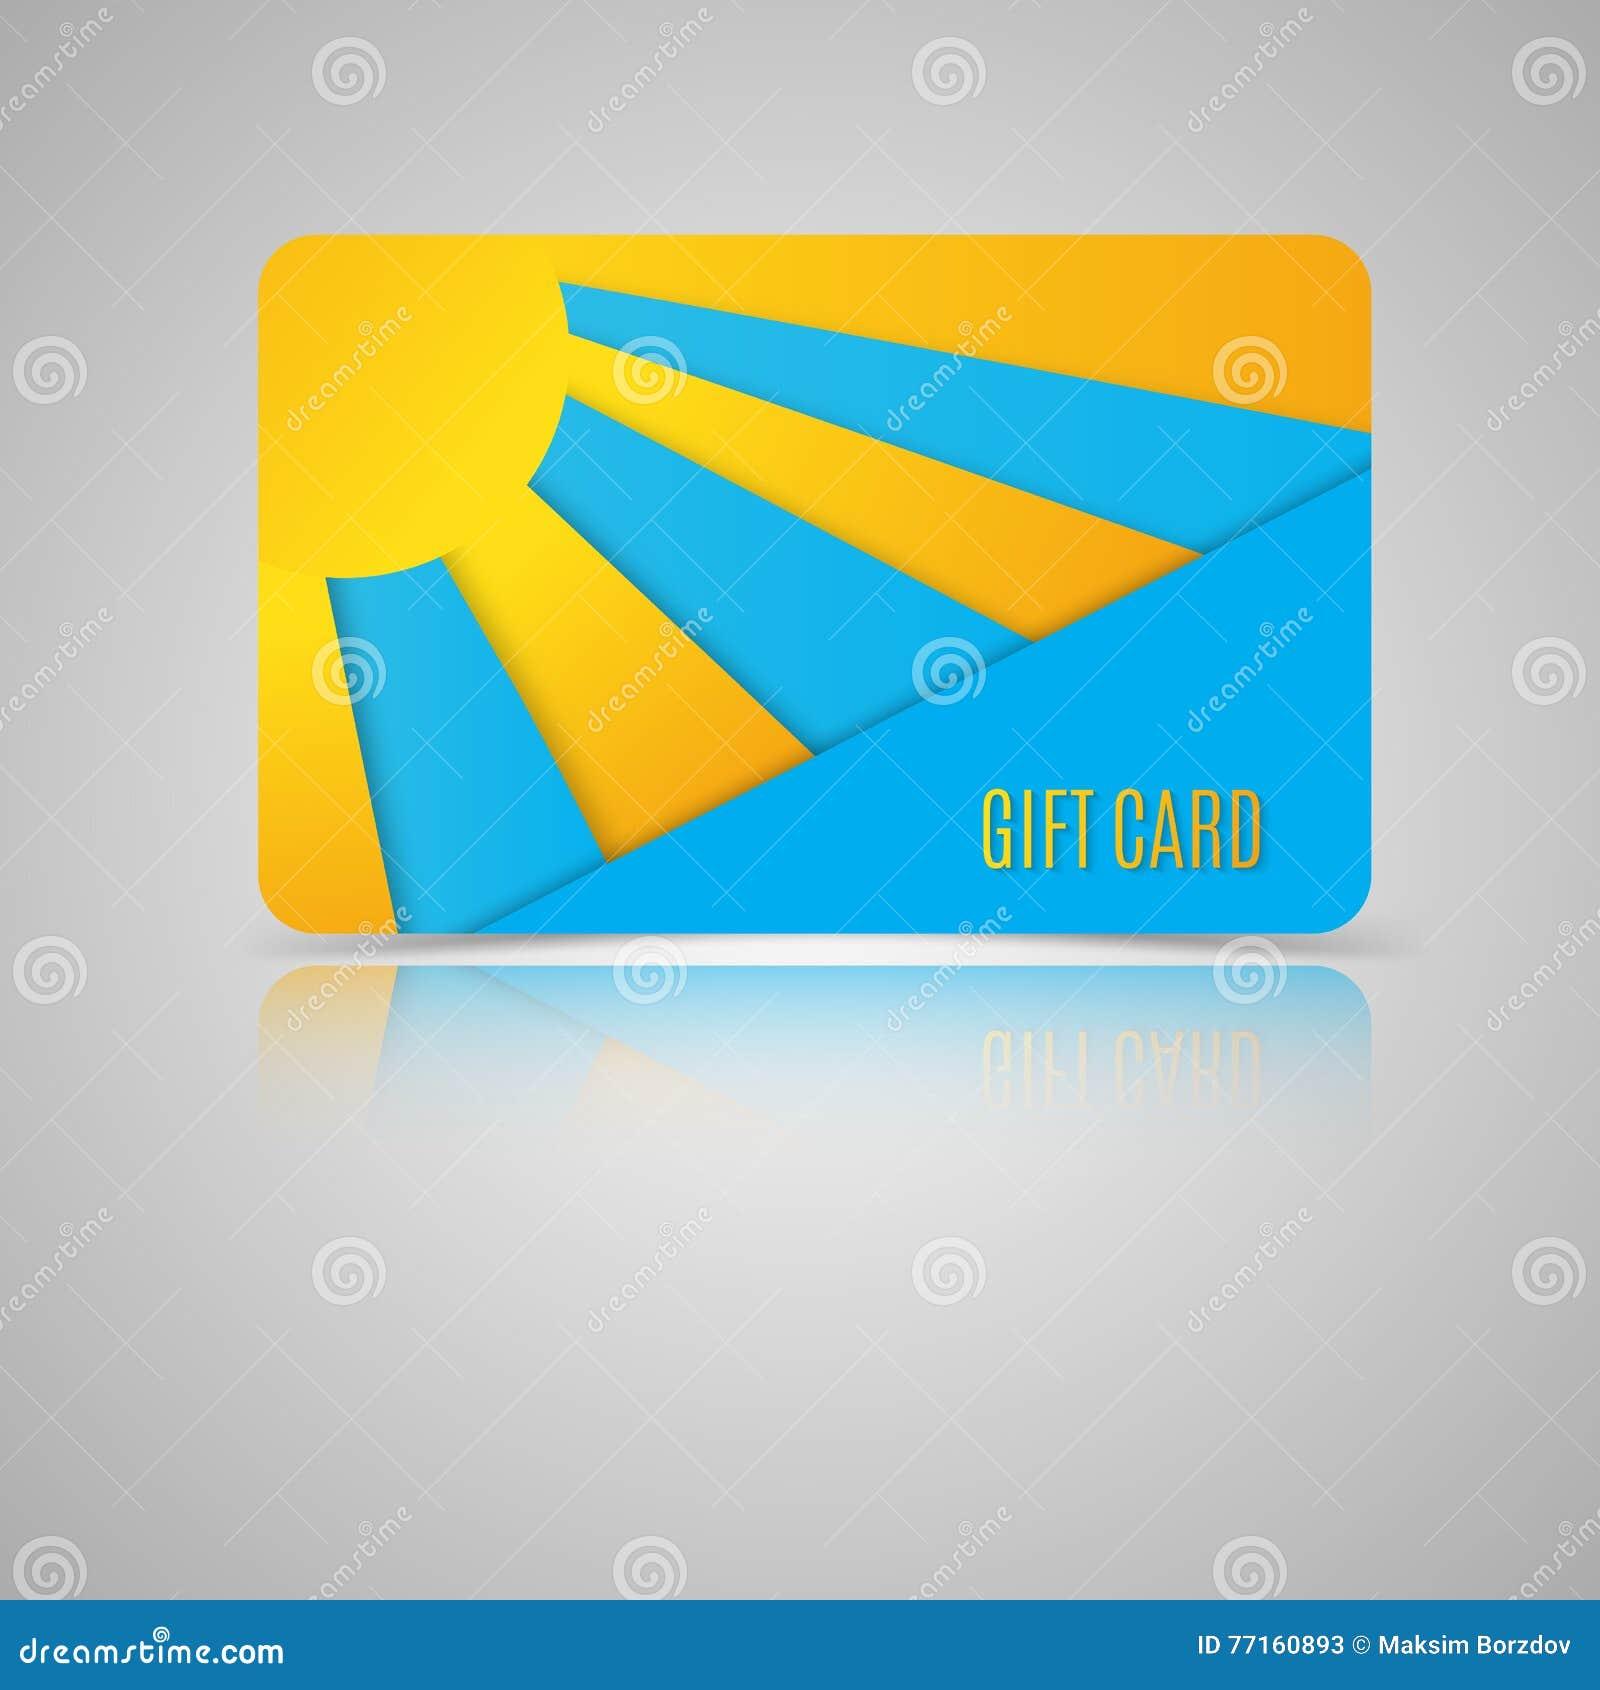 Templat de carte cadeaux